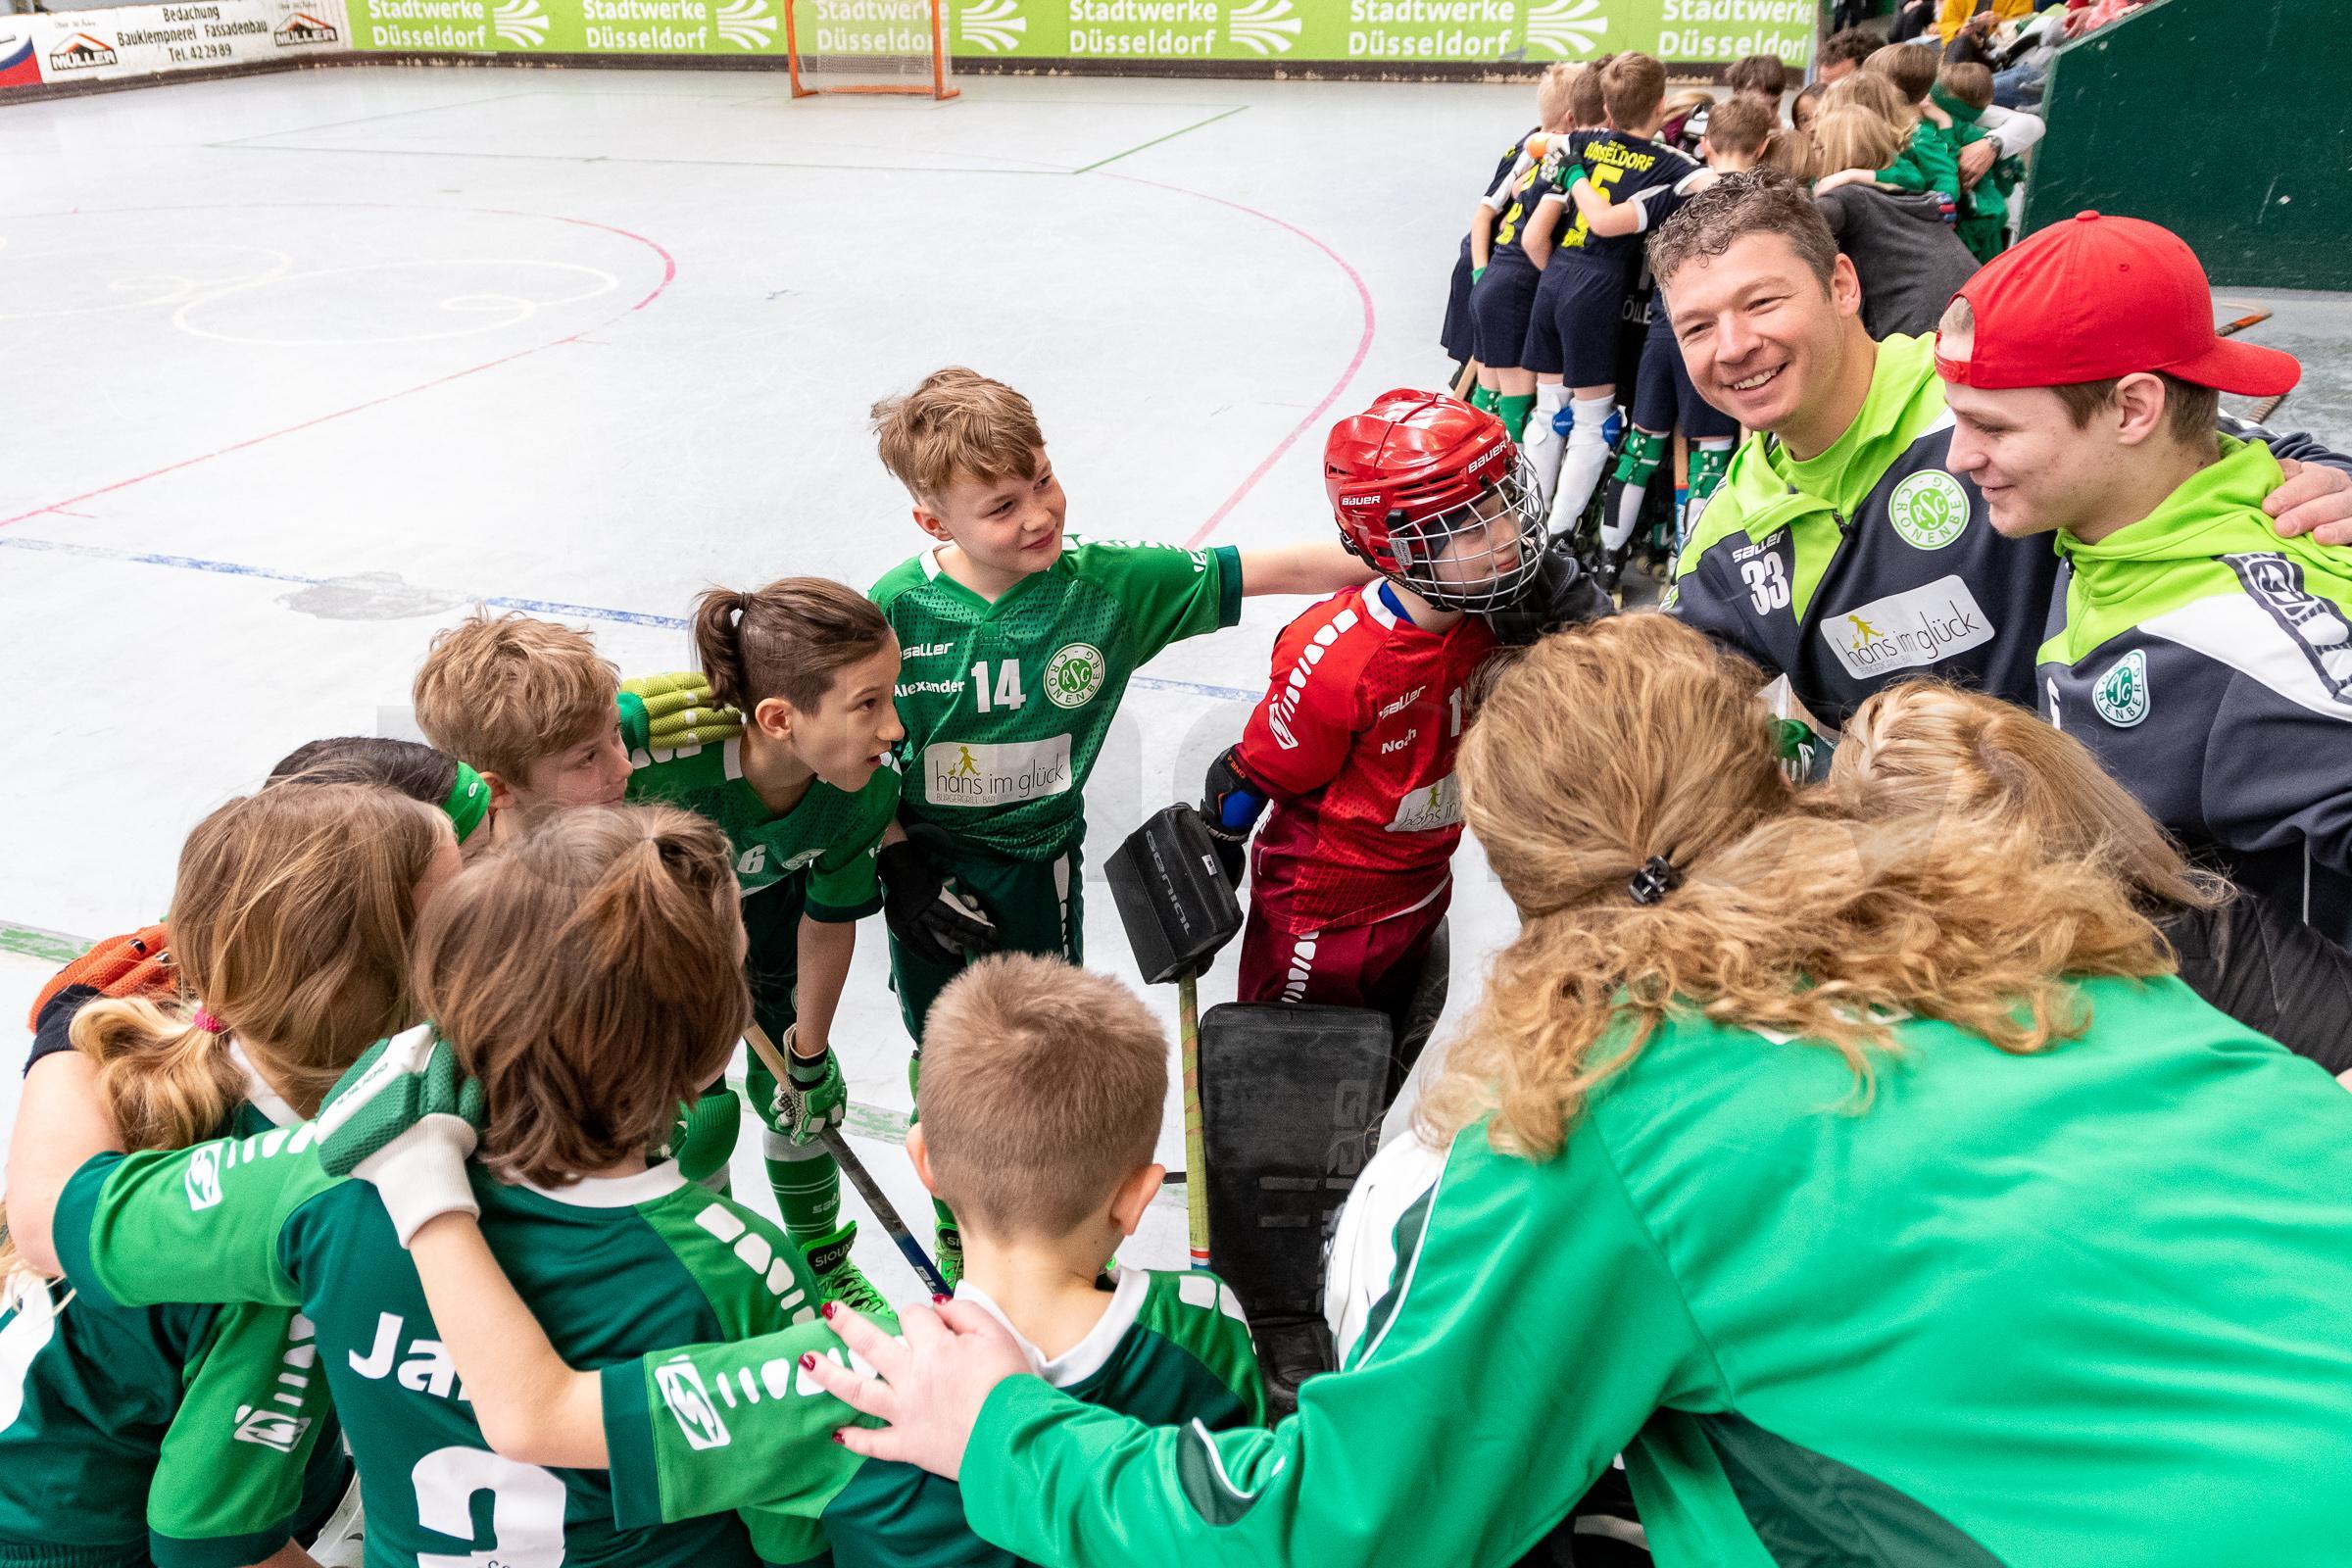 RSC Cronenberg Rollhockey Spieltag U11 23.03.2019